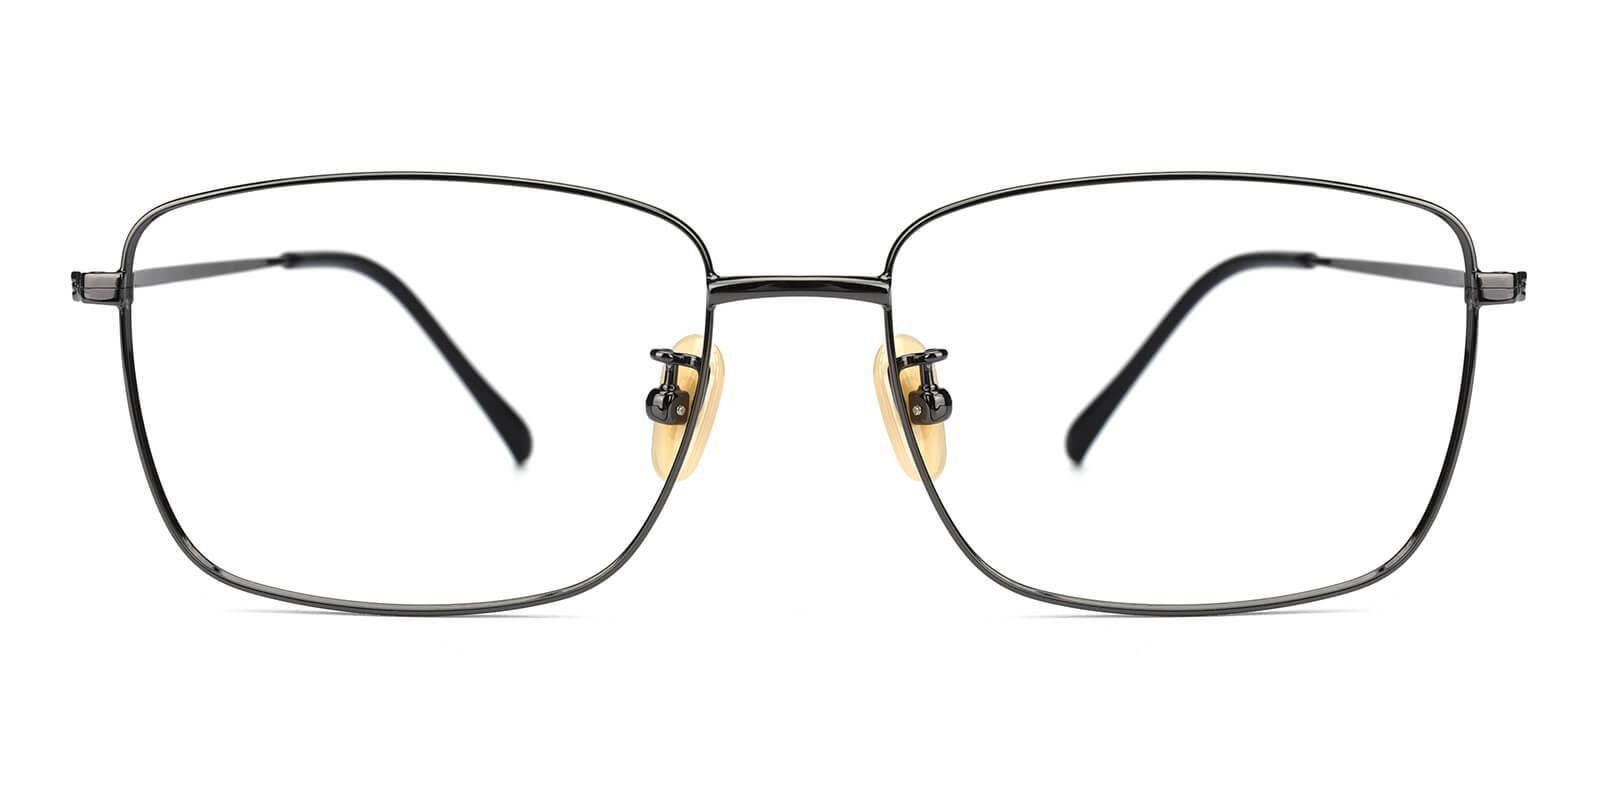 Pensieve-Gun-Square-Titanium-Eyeglasses-detail